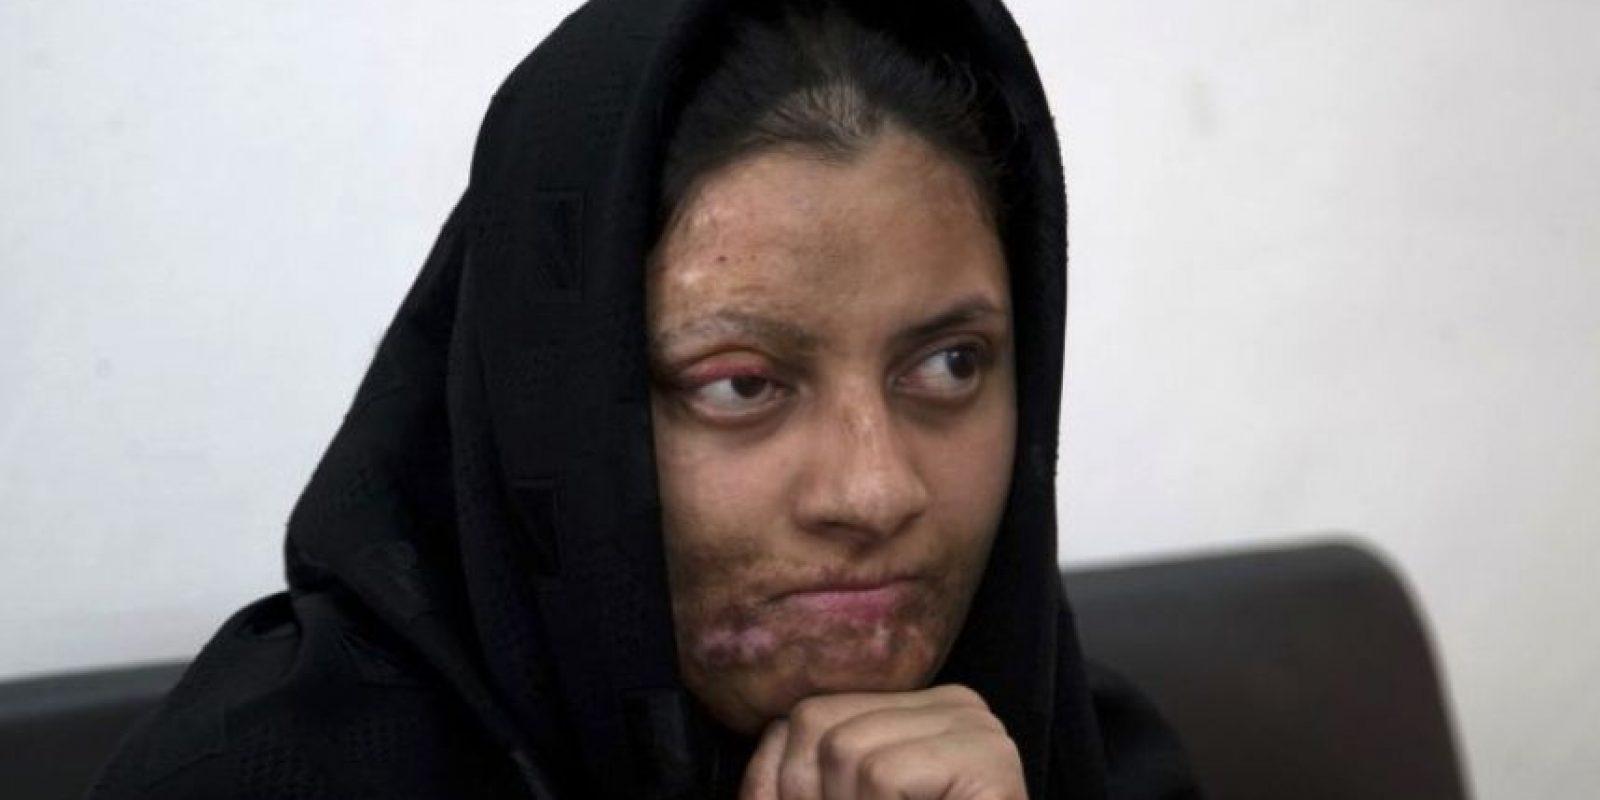 Ante este escenario, el cirujano plástico Asim Shahmalak, de 53 años, ha gastado más de 70 mil dólares de su propio dinero en cirugías reconstructivas para ayudar a víctimas de ataques. Foto:AP